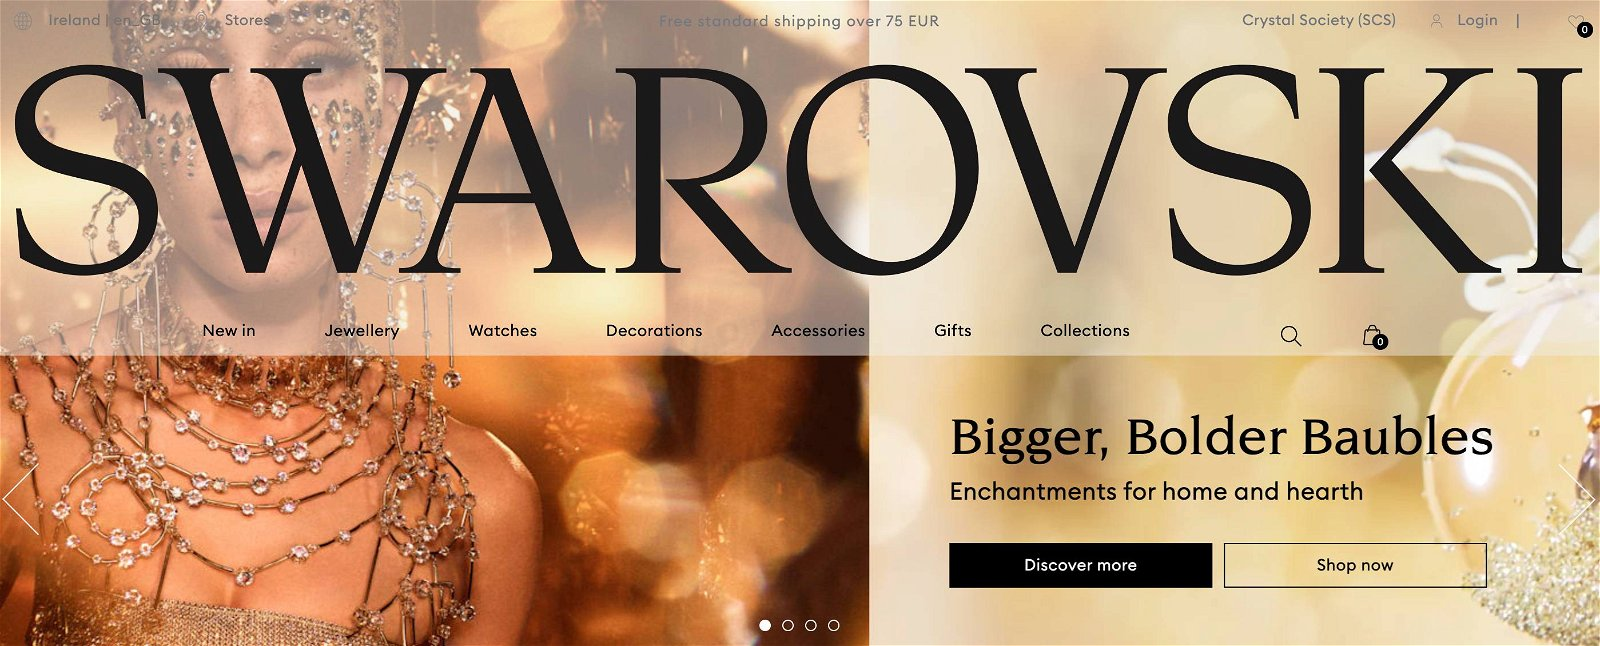 Swarovski.com 1